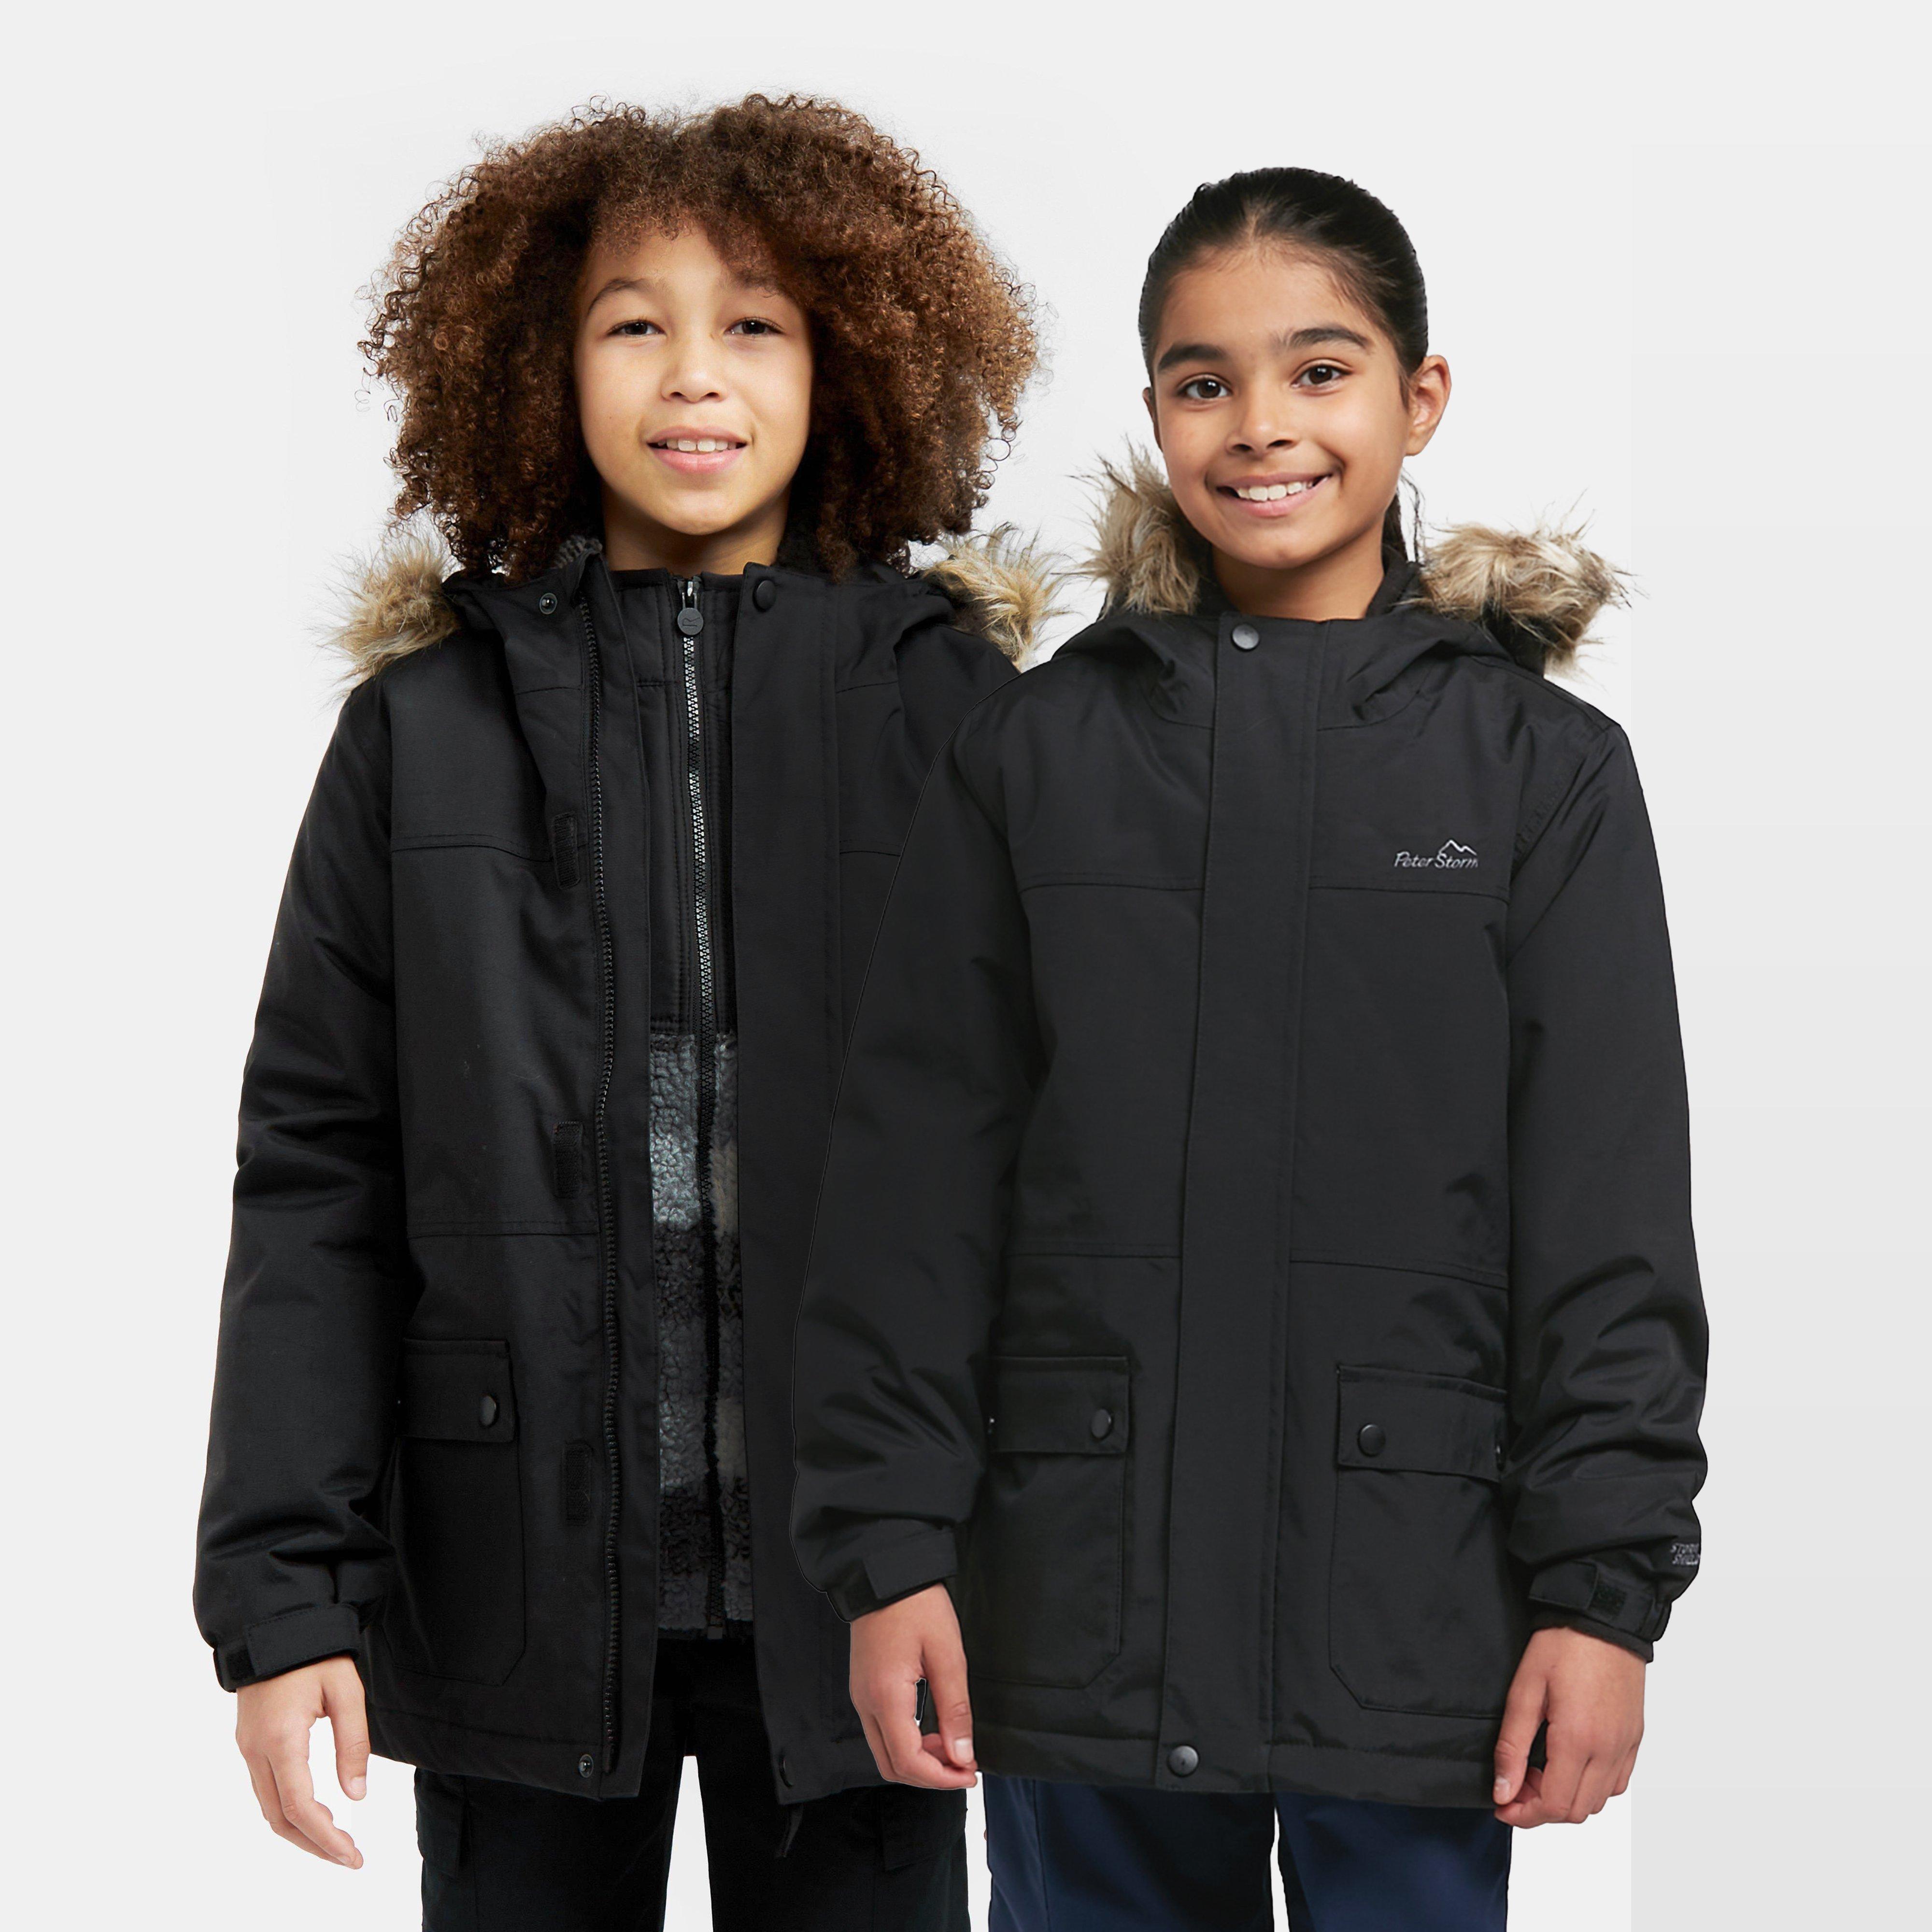 Peter Storm Kids' Waterproof Parka - Black, Black